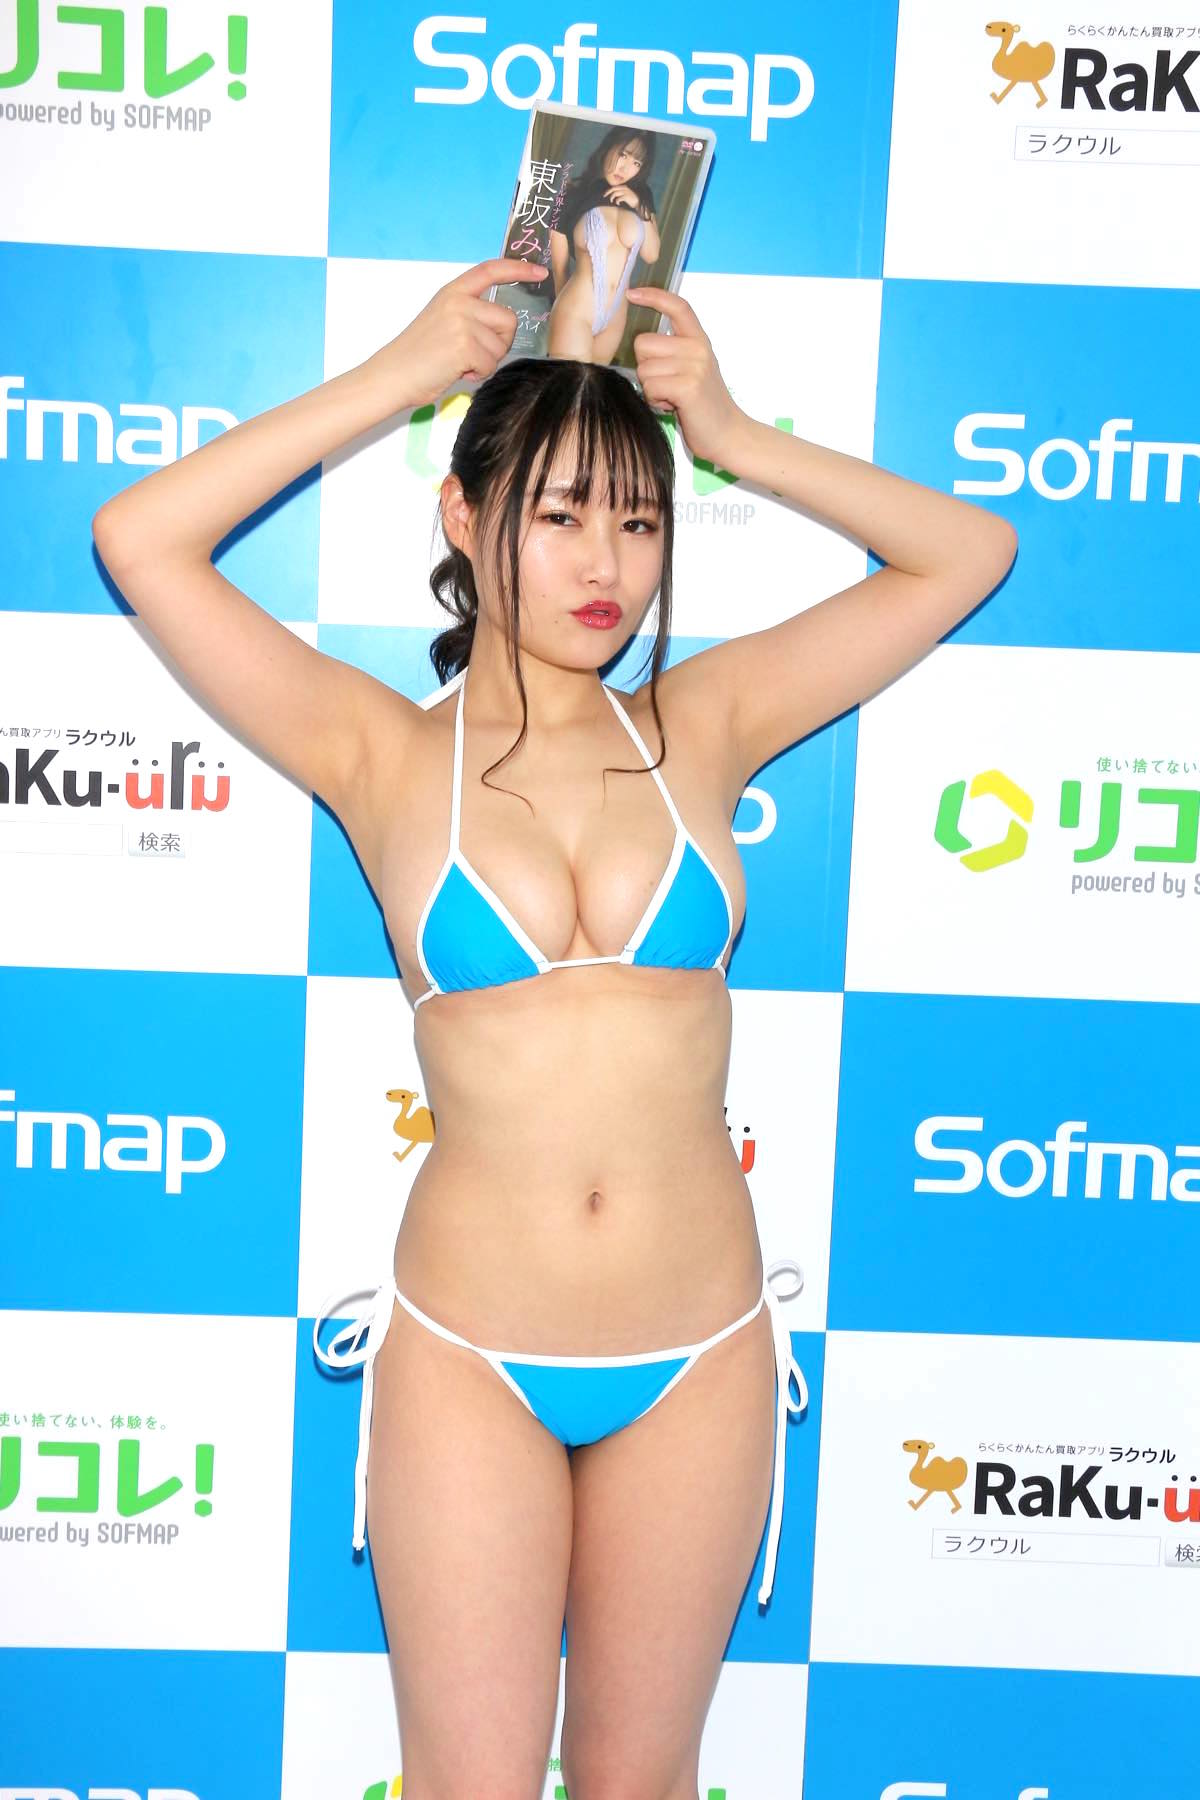 東坂みゆ「ロケット爆乳」がダンスで揺れて弾ける!【写真42枚】の画像034